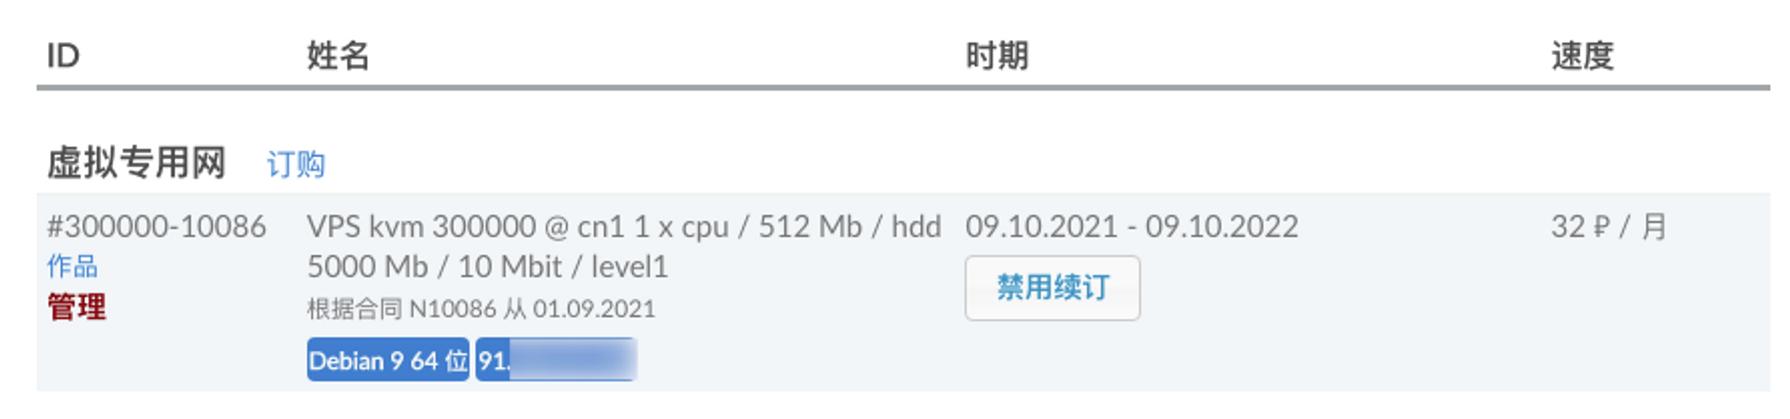 Justhost新活动,最低32卢布/月,折合1年35元 1H512M5G/IPV4/IPV6/不限月流量/15天免费